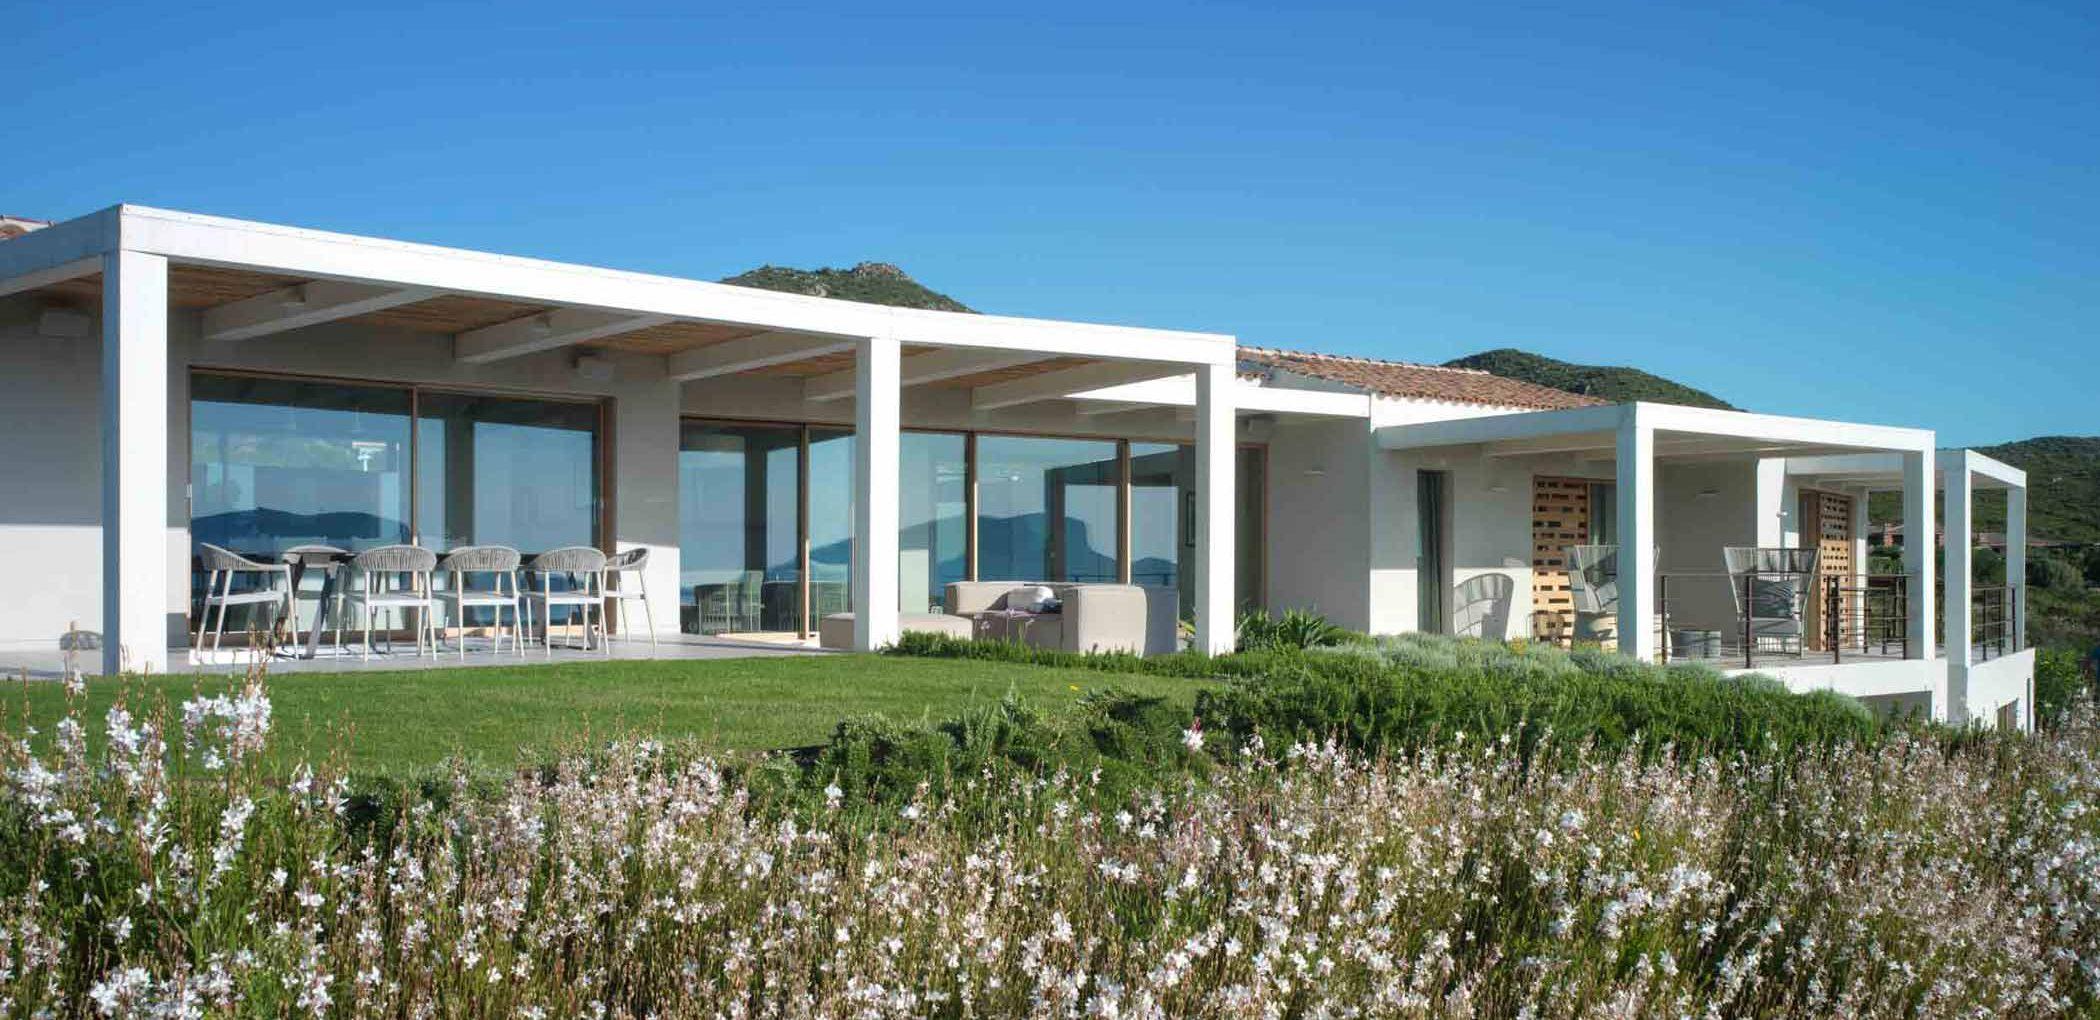 Facade of Villa Costa Smeralda, image cover